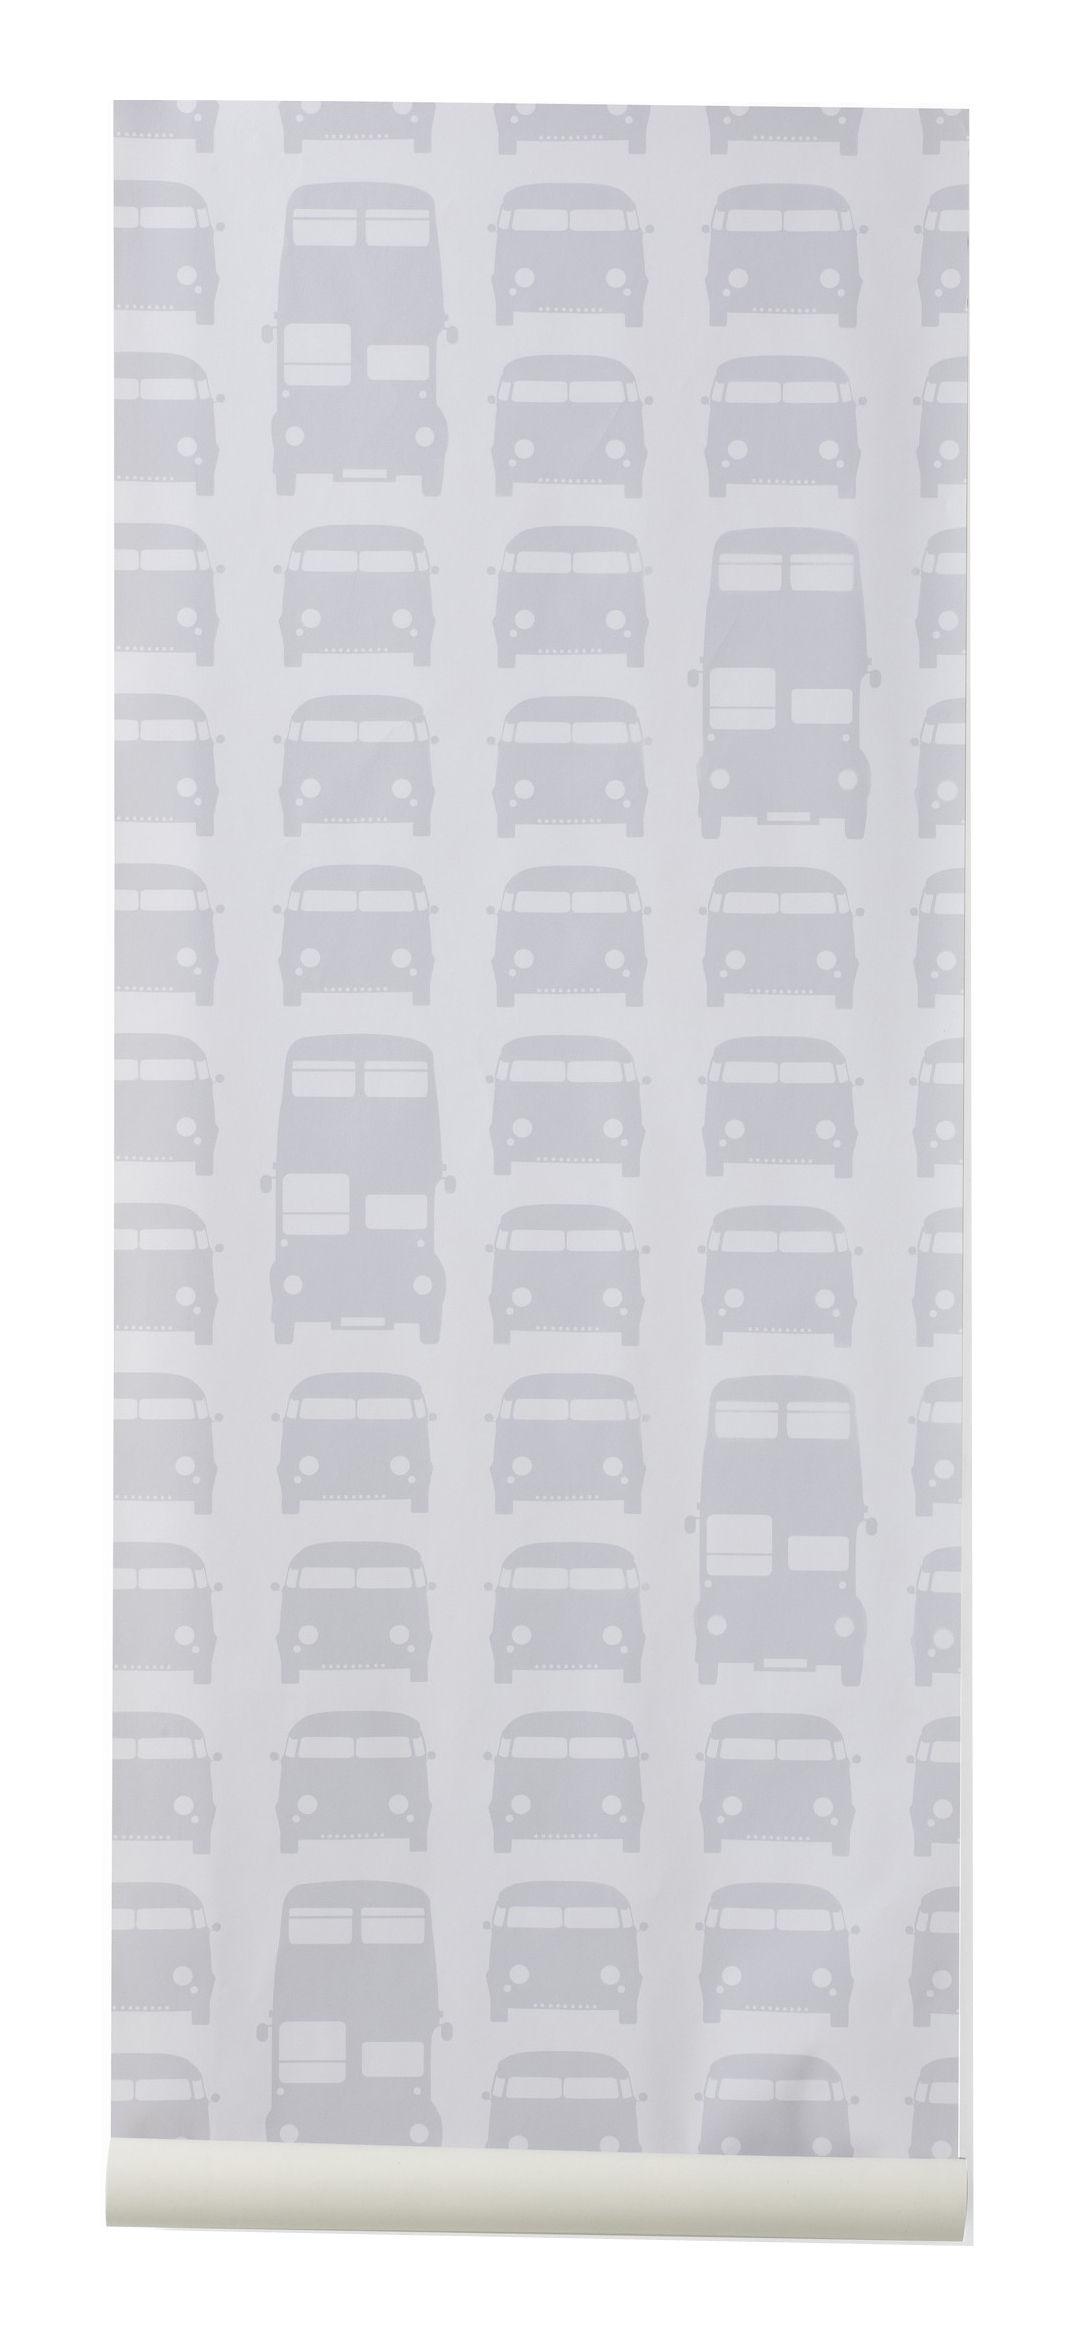 Ferm Living Tapete Rush Hour : rush hour tapete ferm living detail infos marke ferm living farbe grau